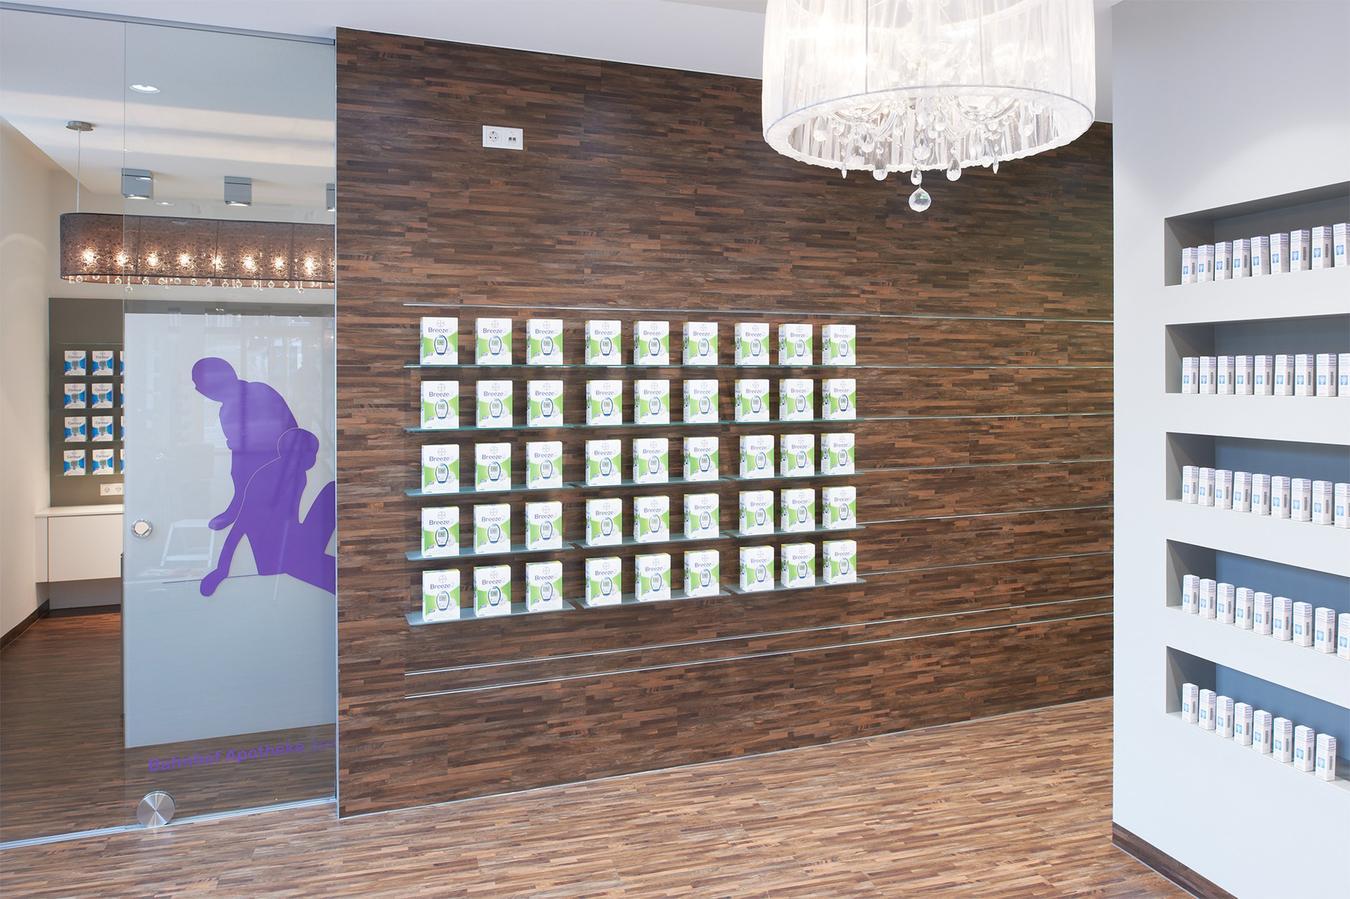 Für den Beratungsraum der Apotheke dient das Freiwahlregal als Raumtrenner